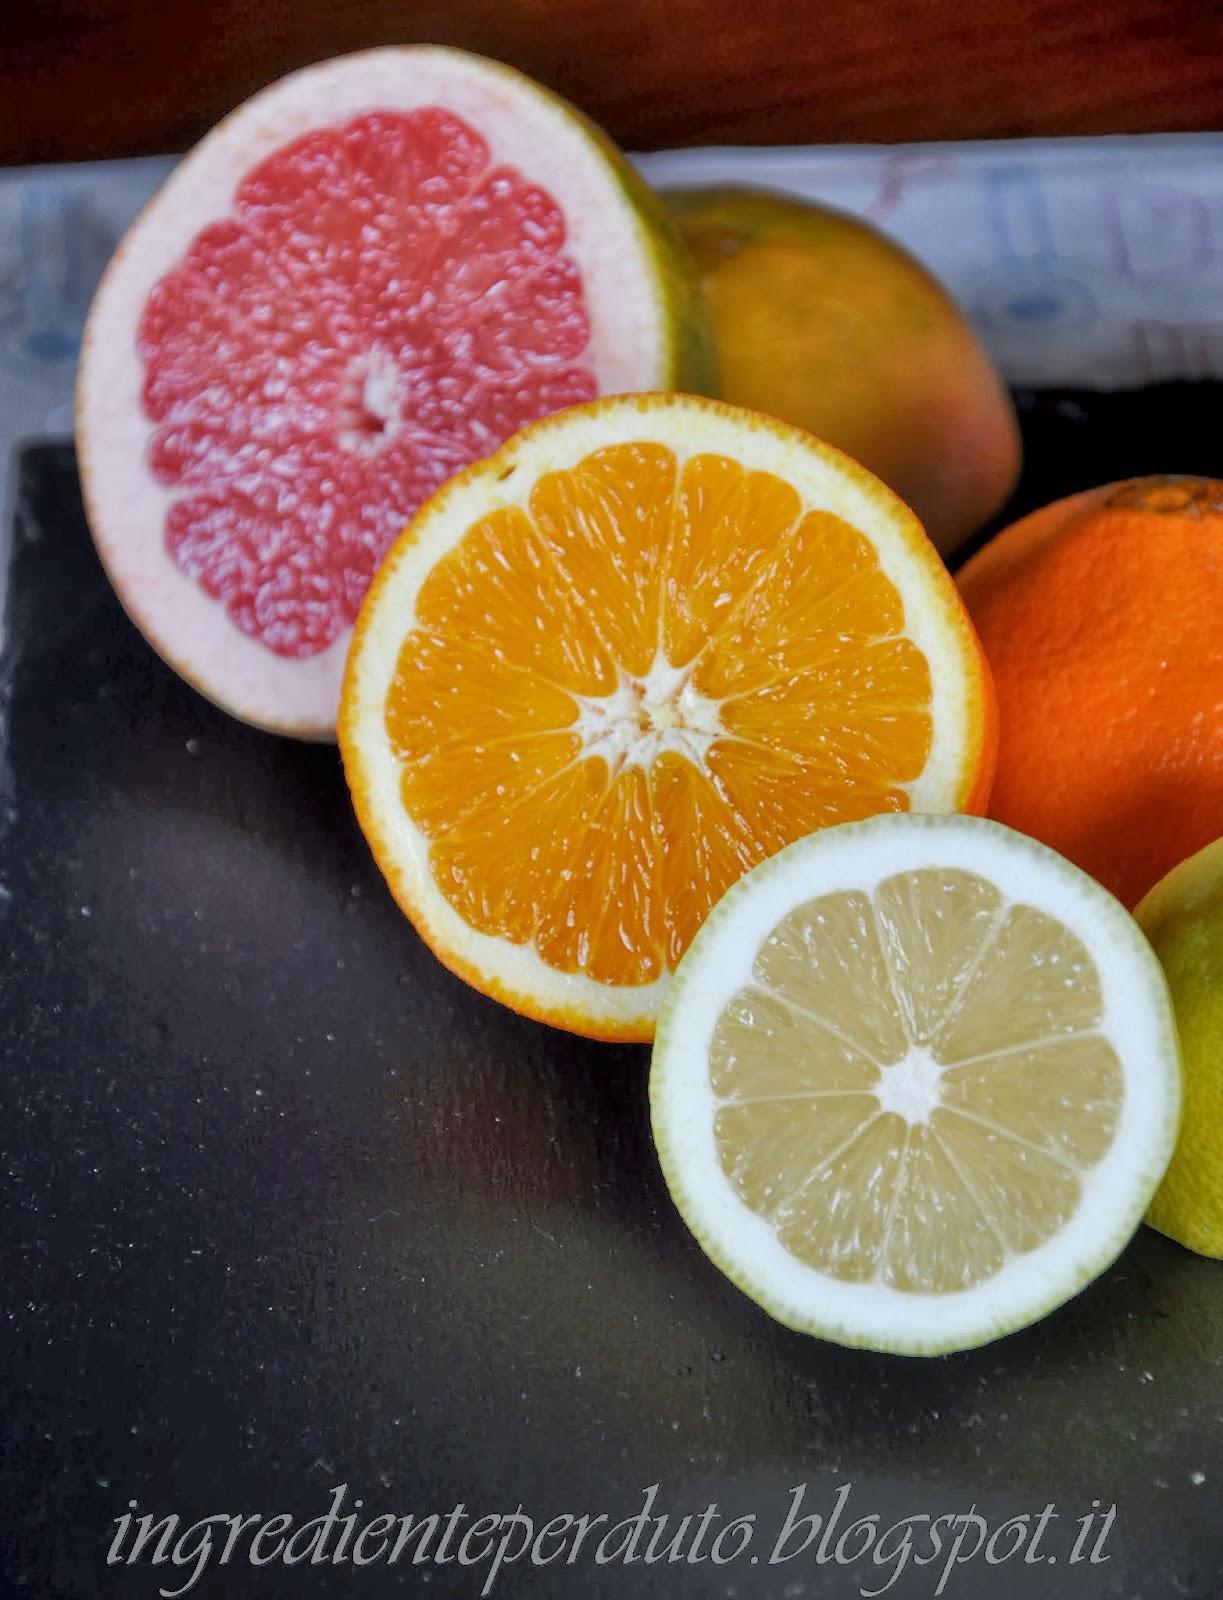 marmellata di agrumi: pompelmo rosa, arancia e limone.